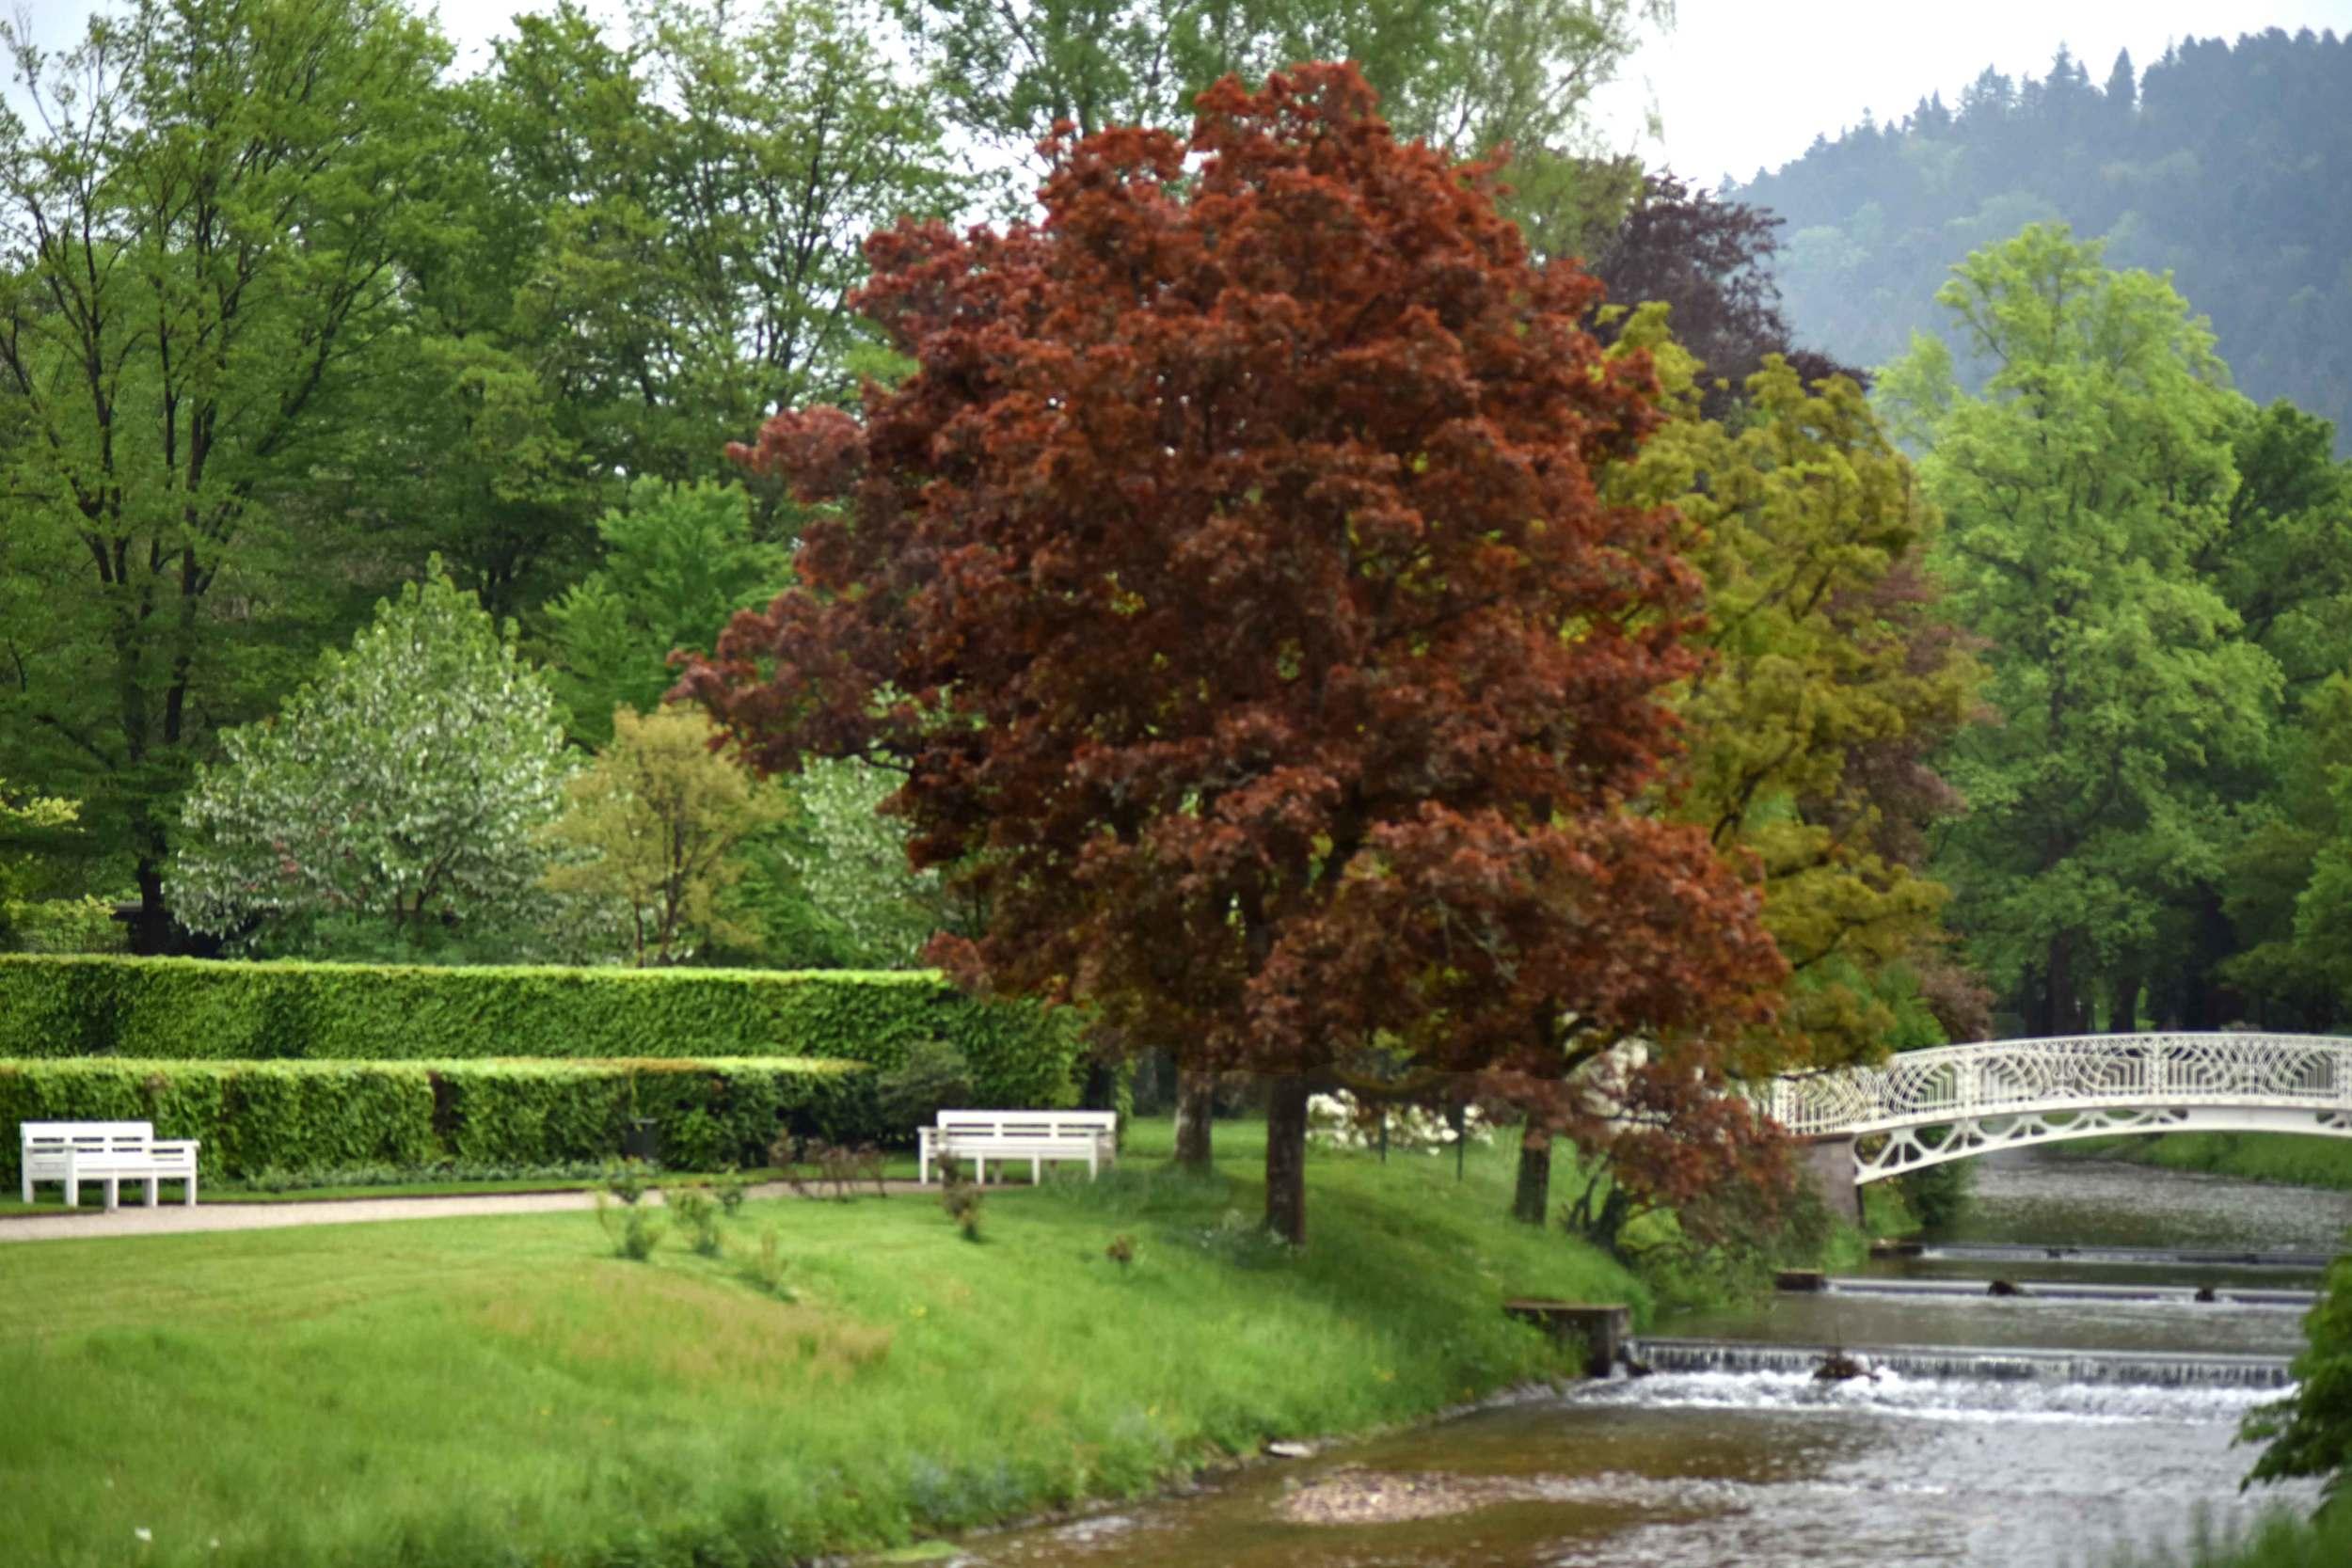 Oos river, Gönneranlage, historic park, Baden Baden, Germany. Image©sourcingstyle.com